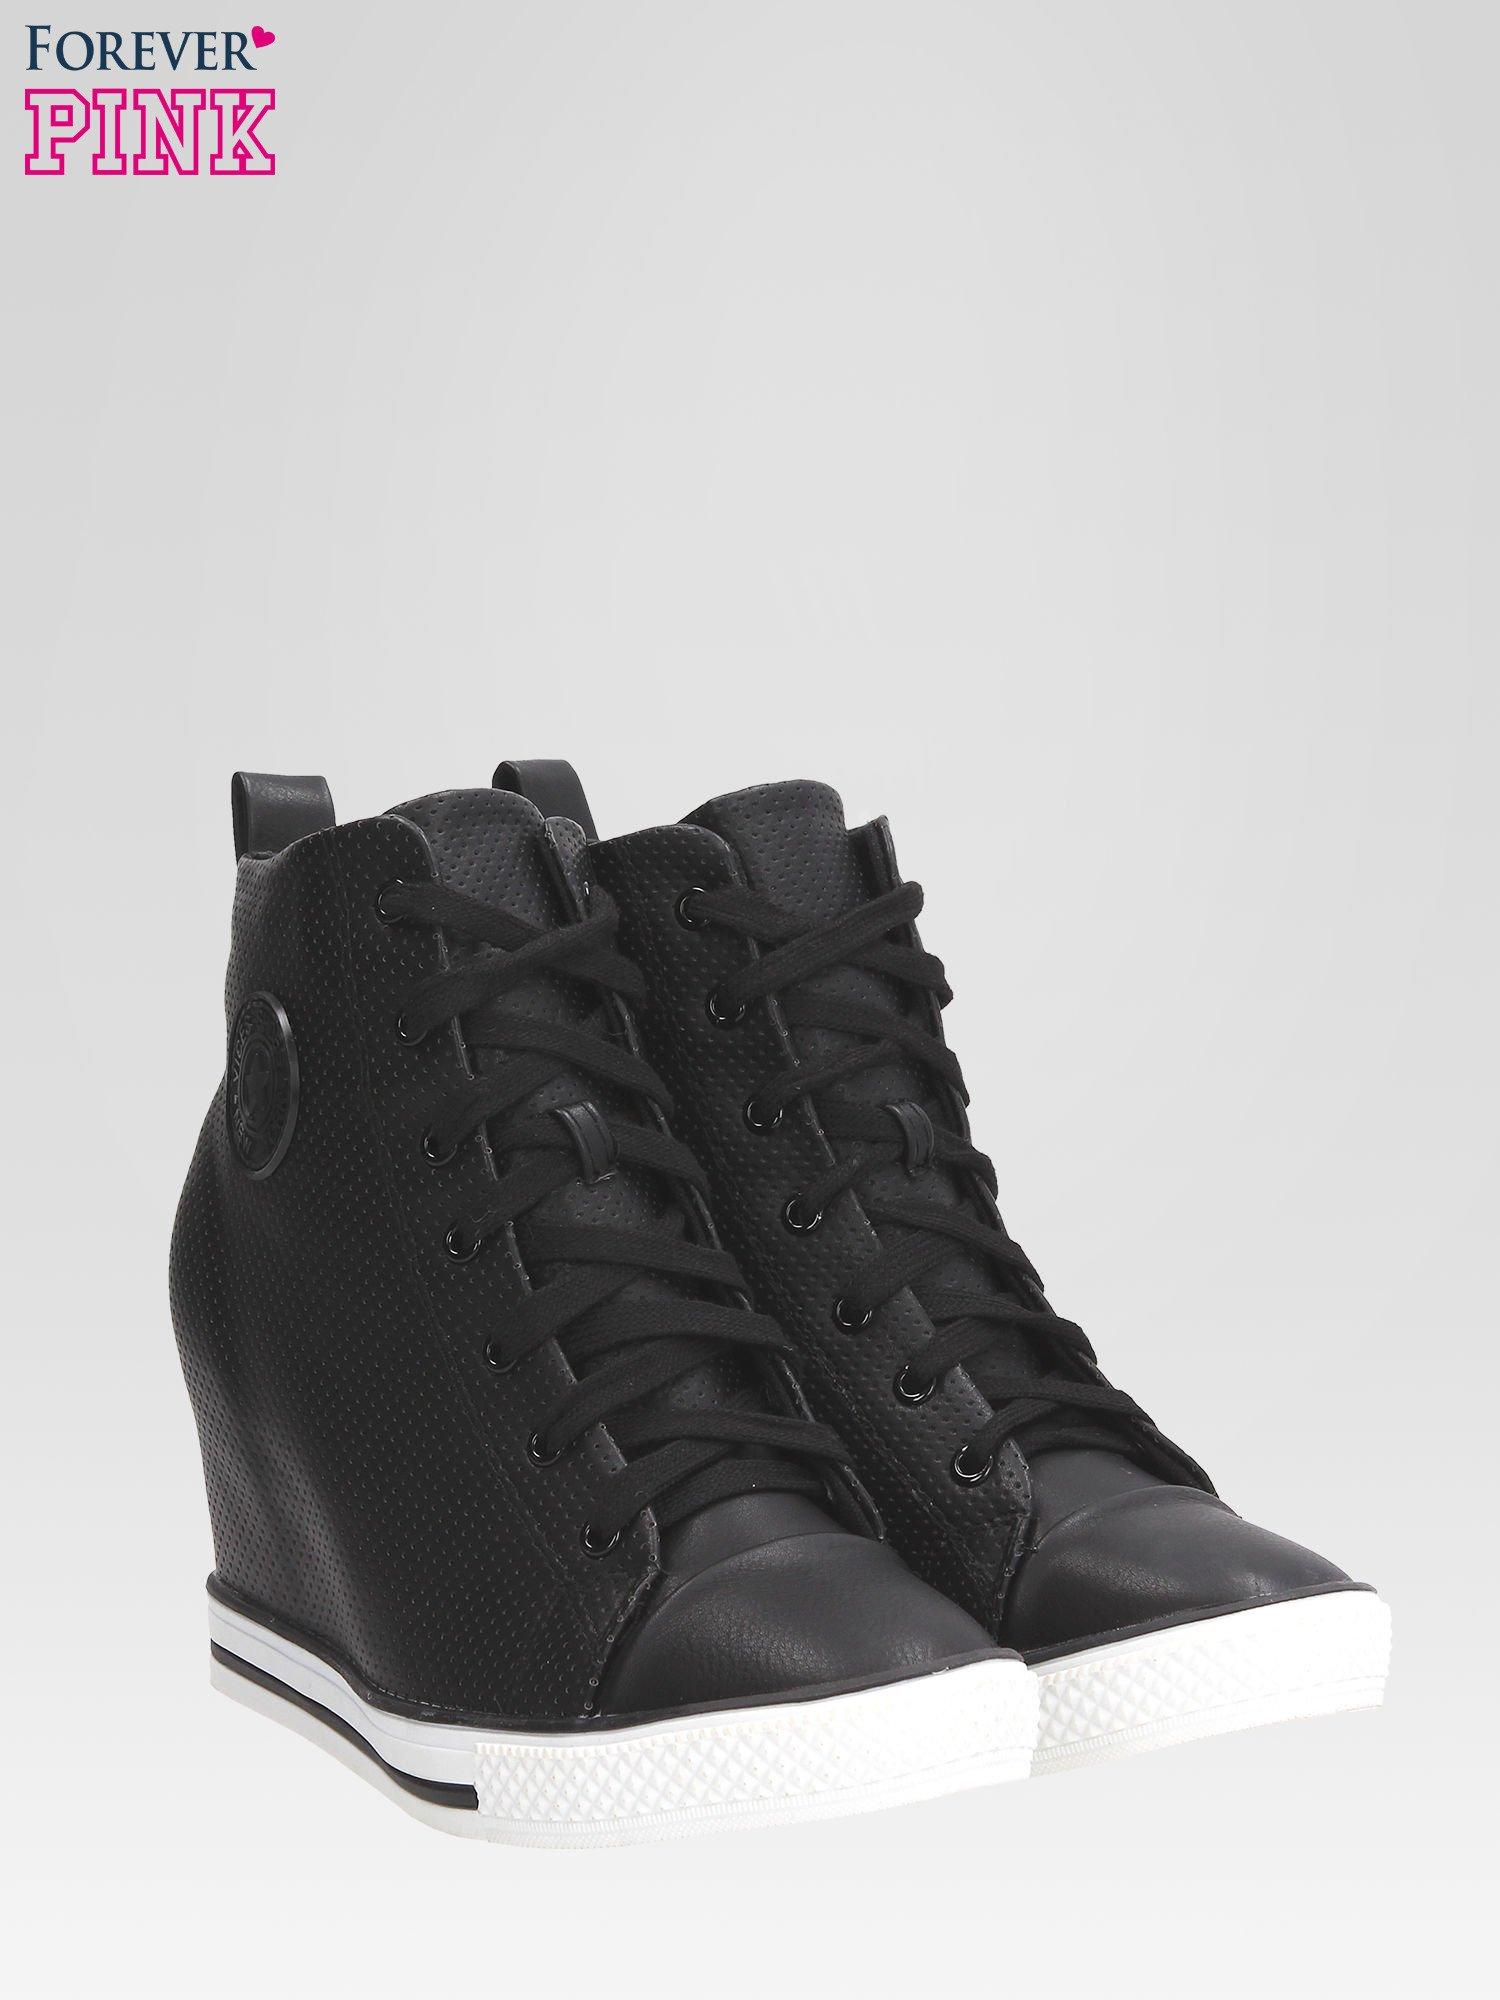 Czarne sneakersy damskie z siateczką                                  zdj.                                  2